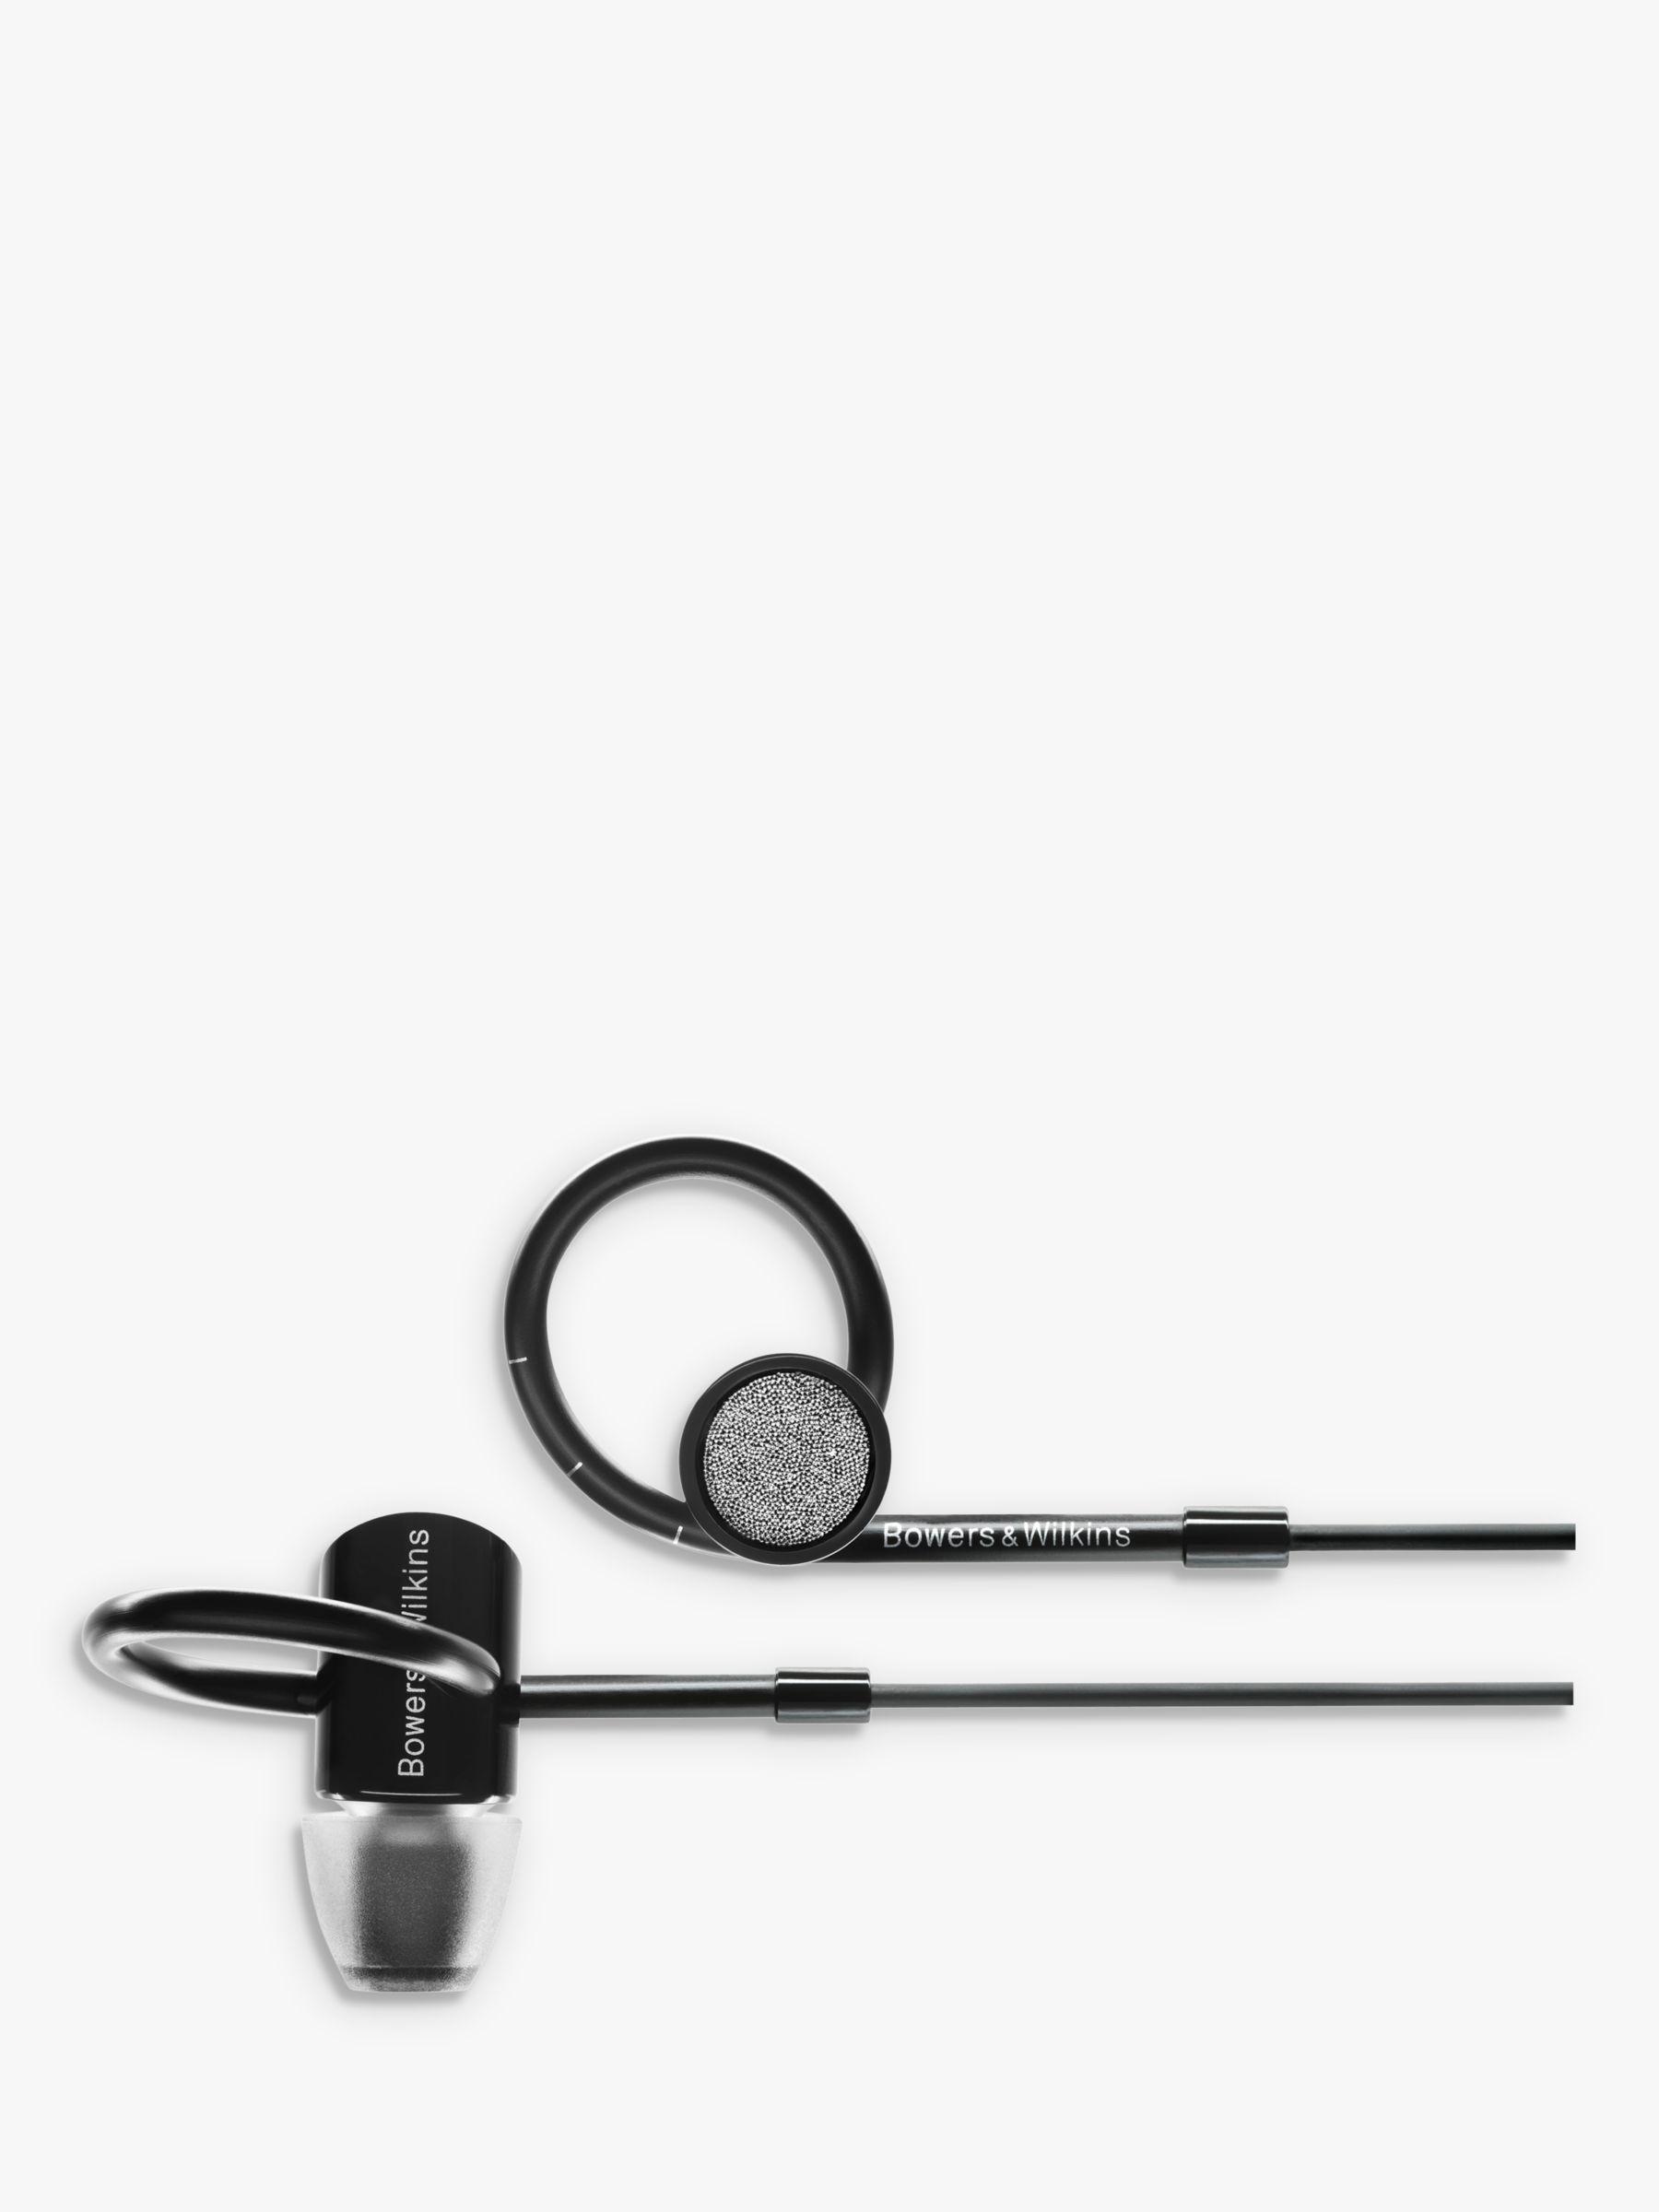 Bowers & Wilkins Bowers & Wilkins C5 Series 2 In-Ear Headphones, Black